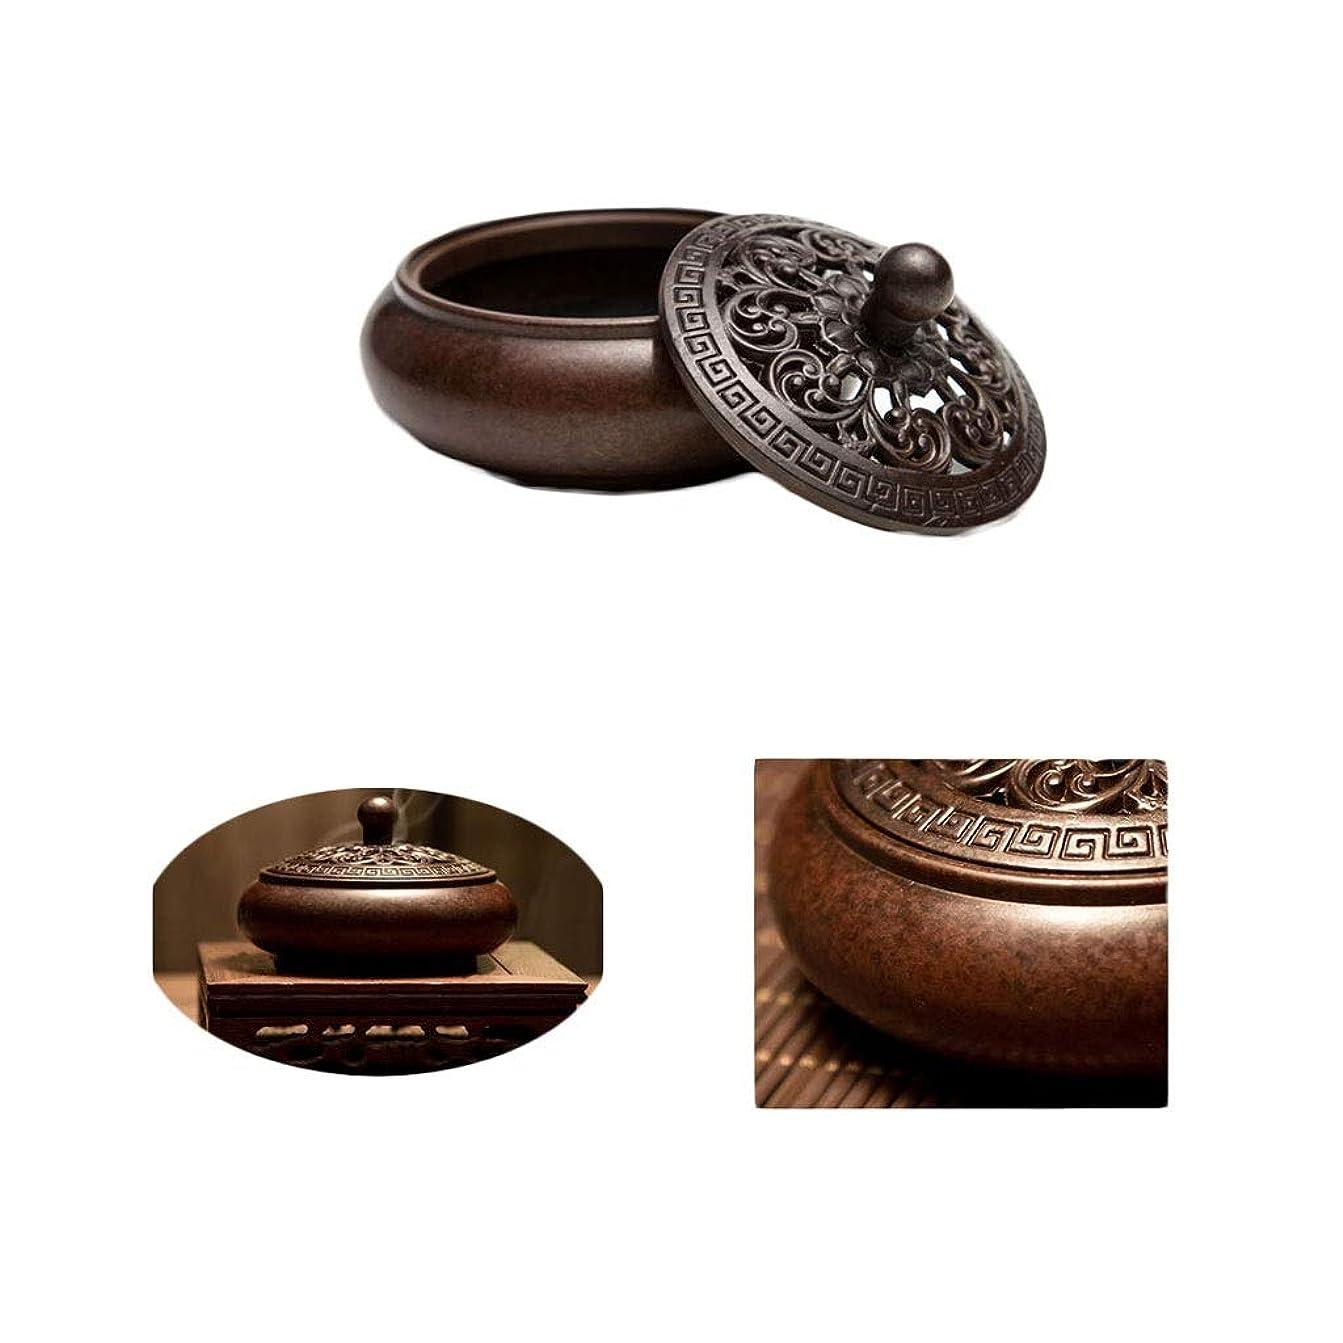 溶けるカフェ偉業ホームアロマバーナー 純銅香炉アンティーク香炉吉祥香炉手作り香炉 アロマバーナー (Color : Brass)